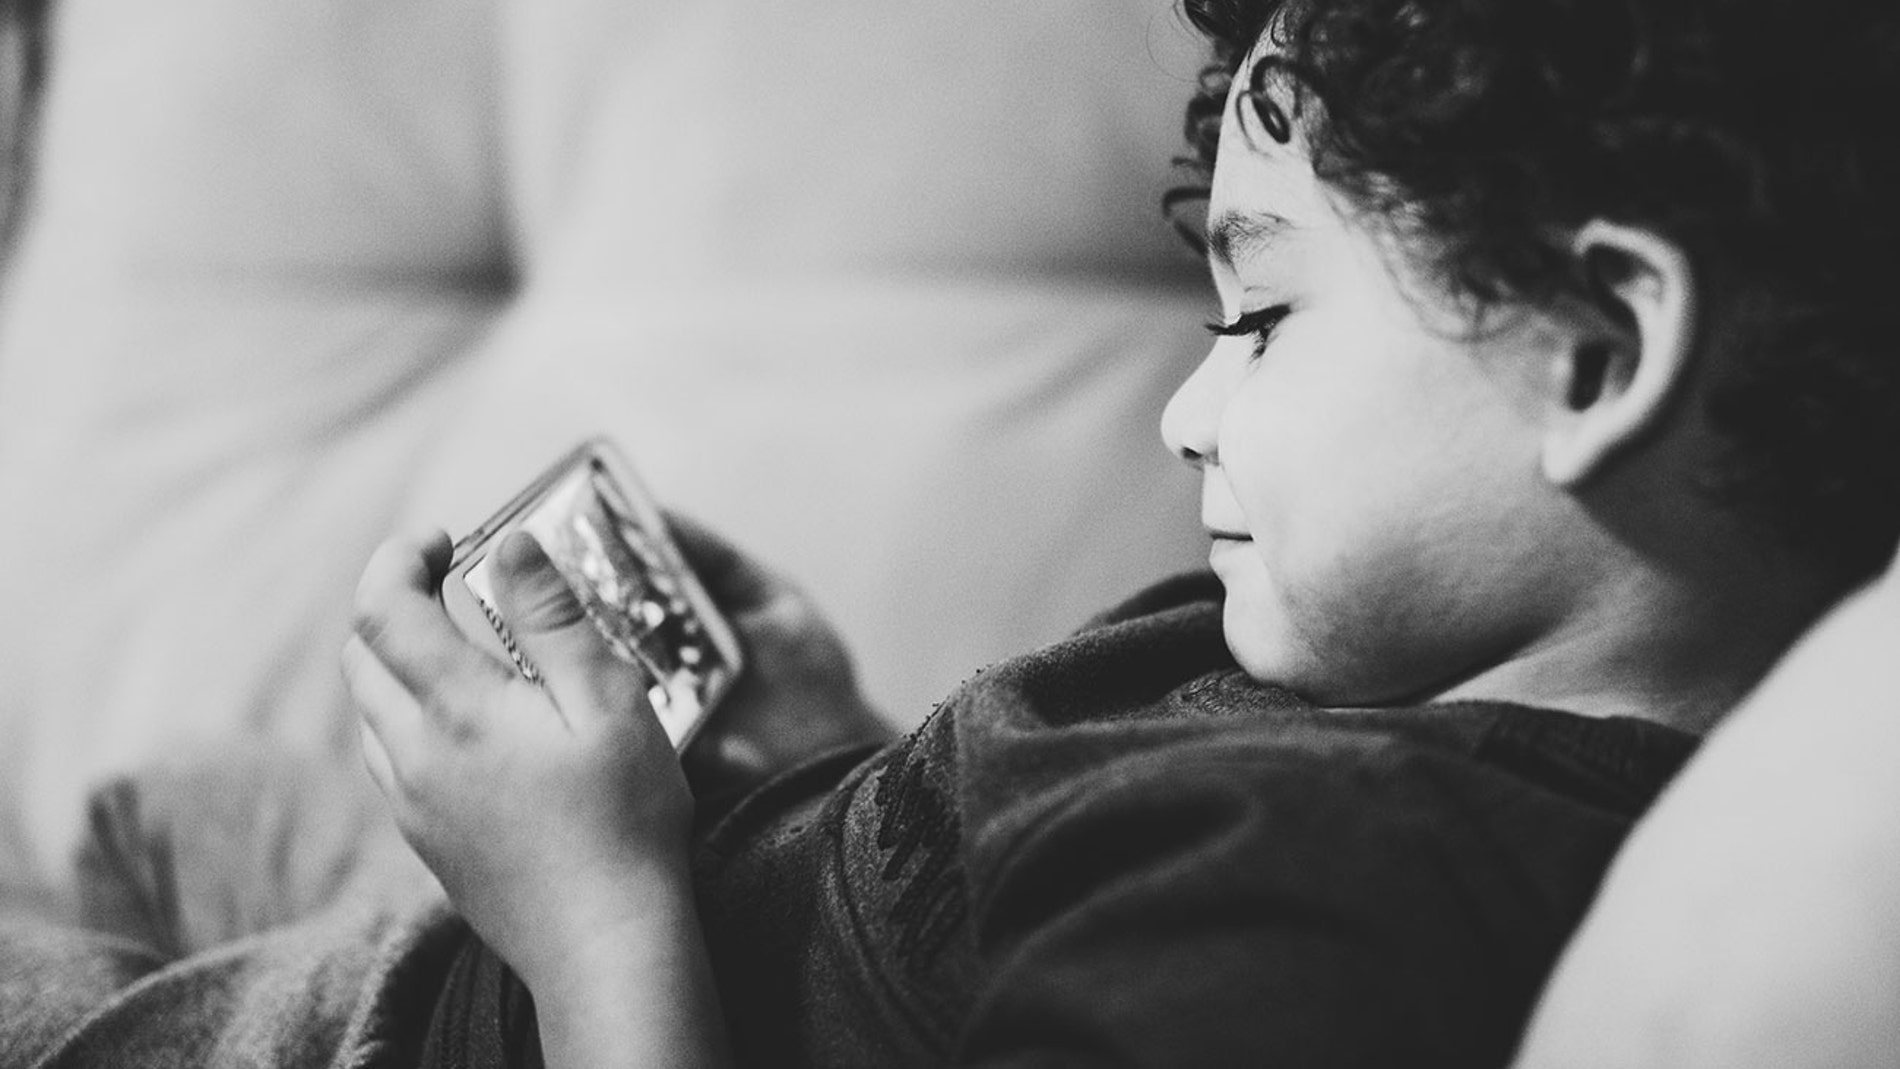 Un niño con un móvil en las manos